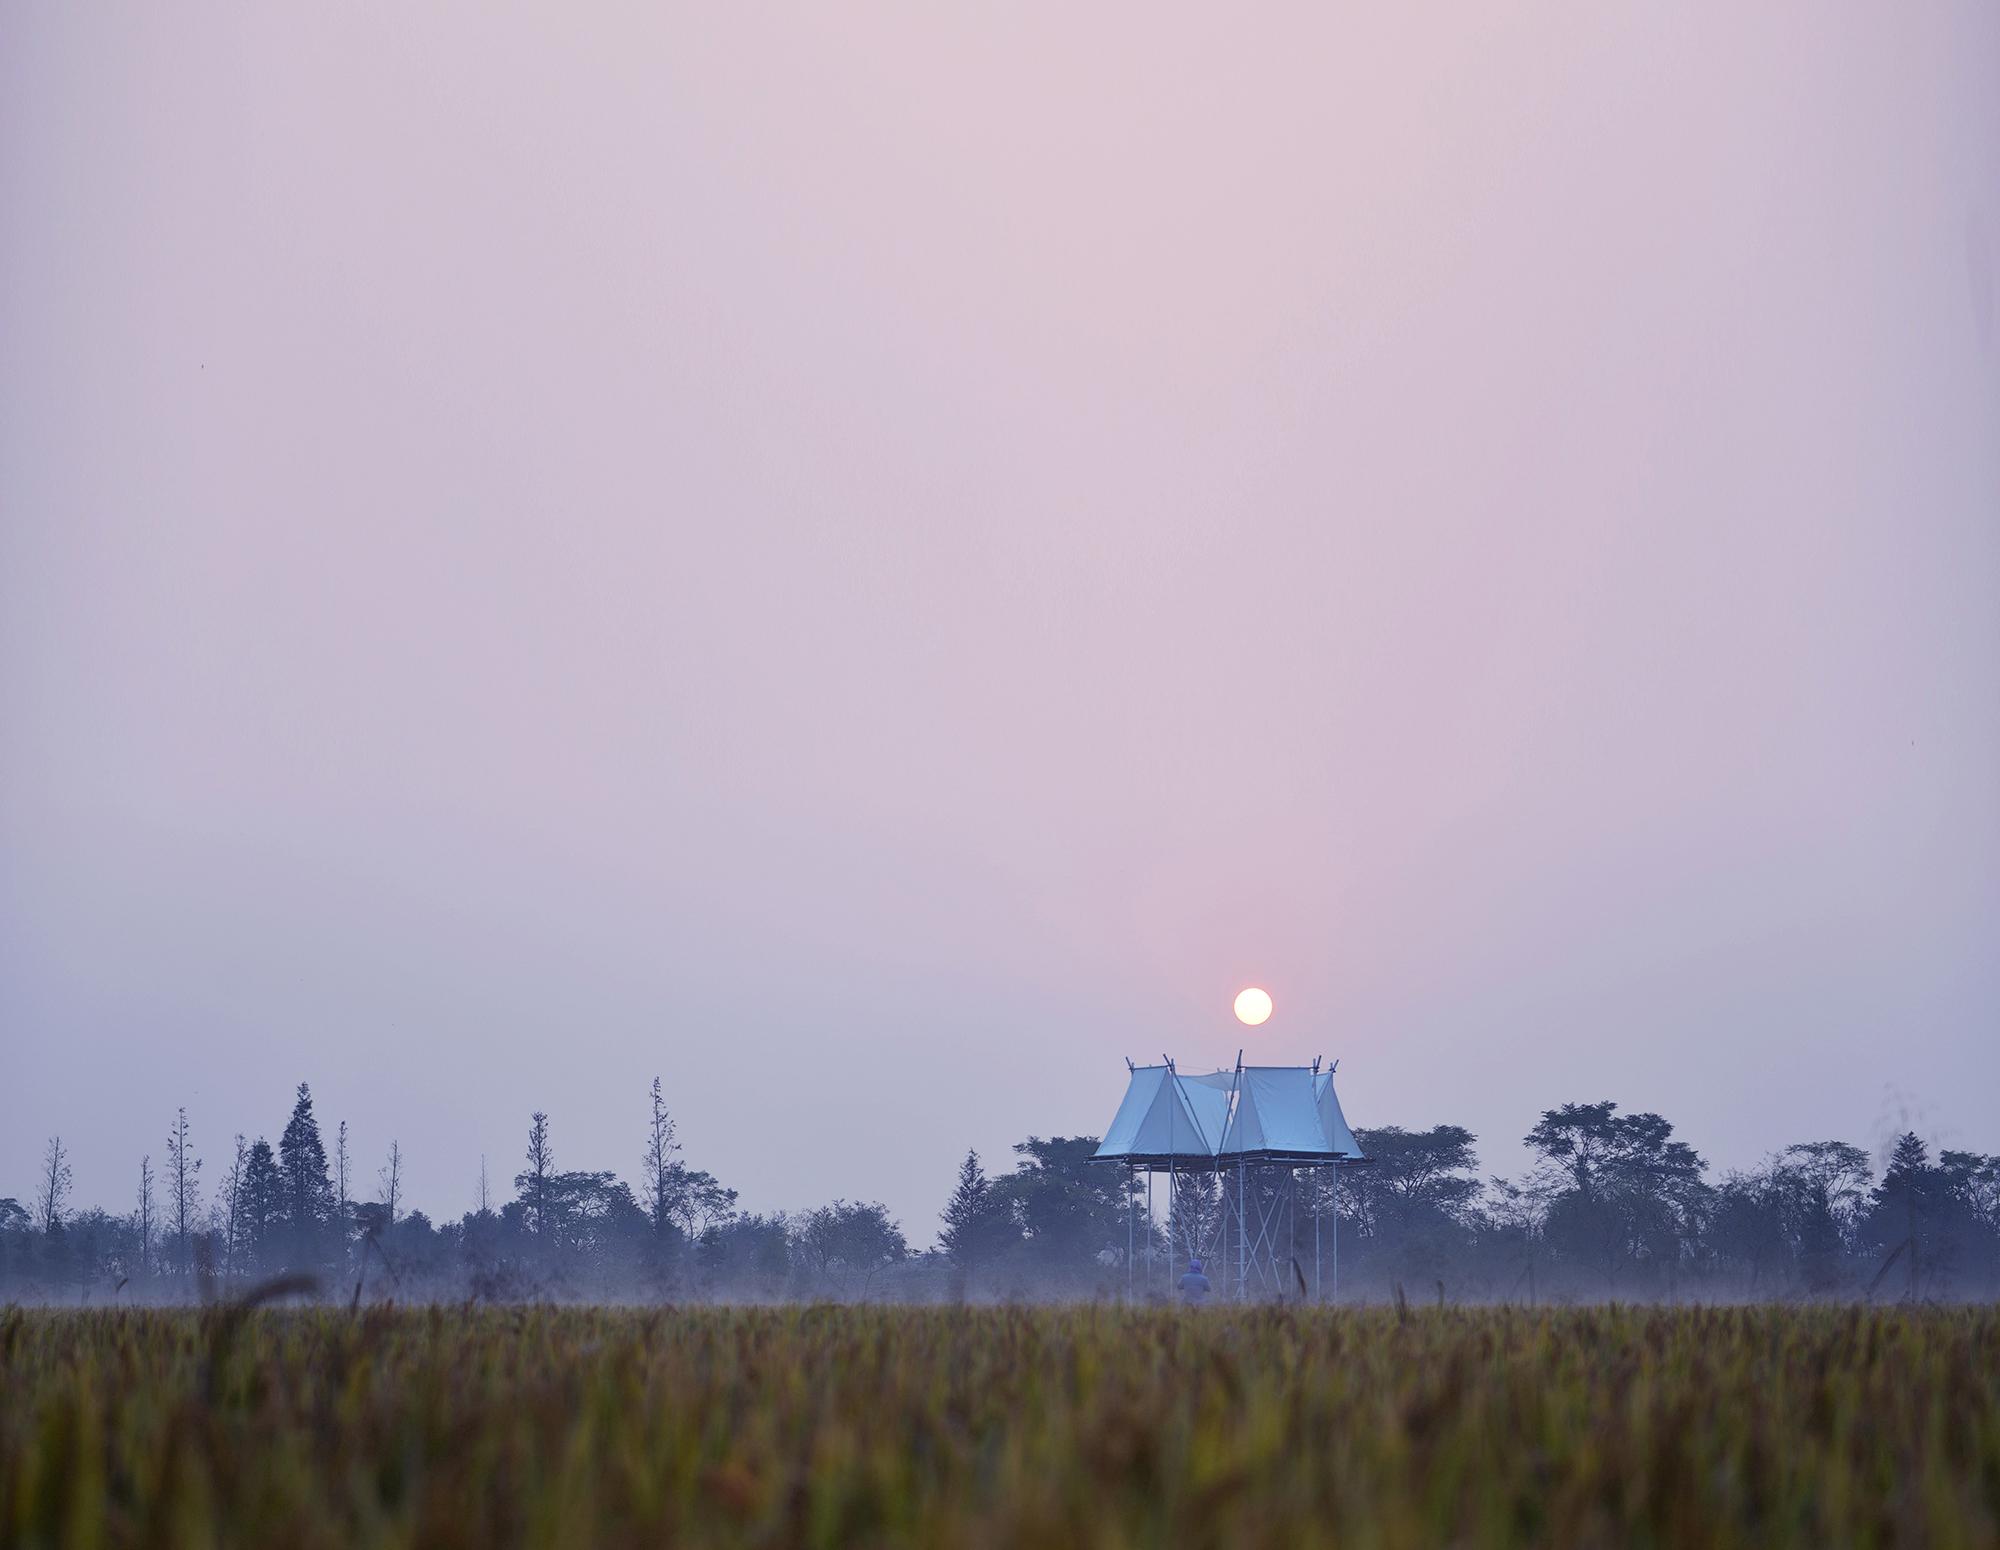 G-稻田与漂浮的庇护所 (5)